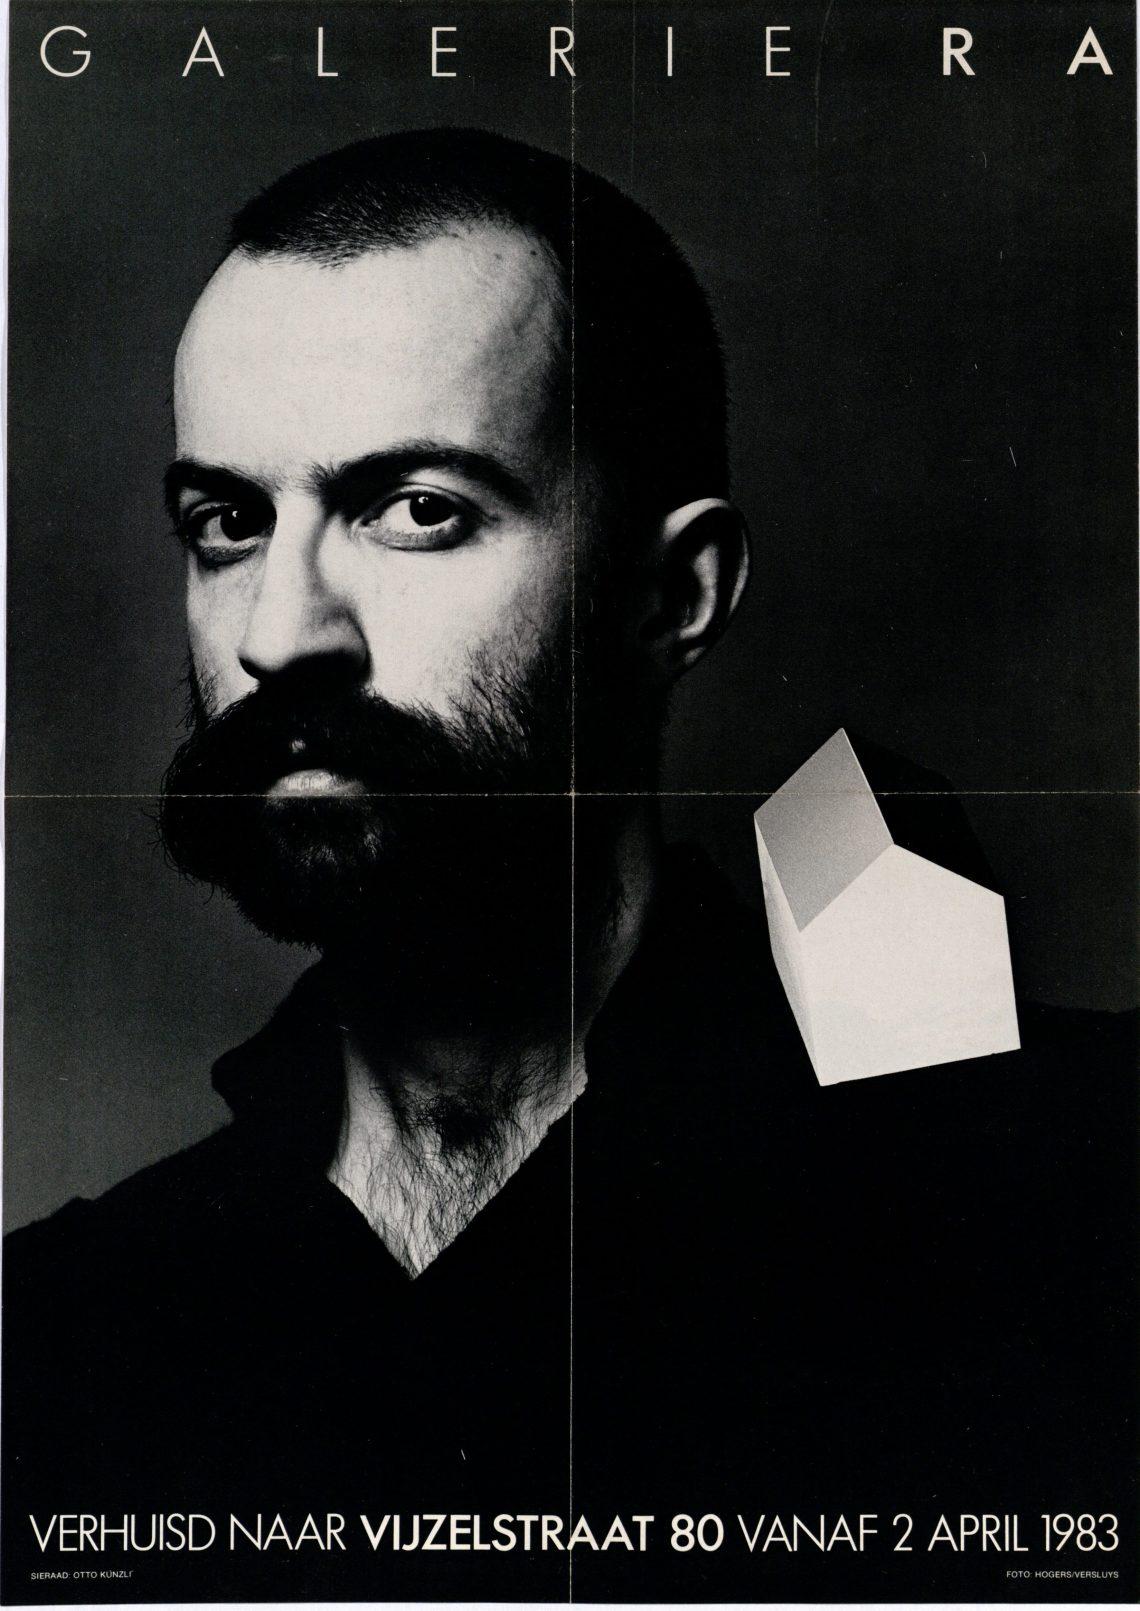 Ra Bulletin 1, april 1983, voorzijde met poster, Paul Derrez met broche van Otto Künzli, foto Hogers/Versluys©, drukwerk, papier